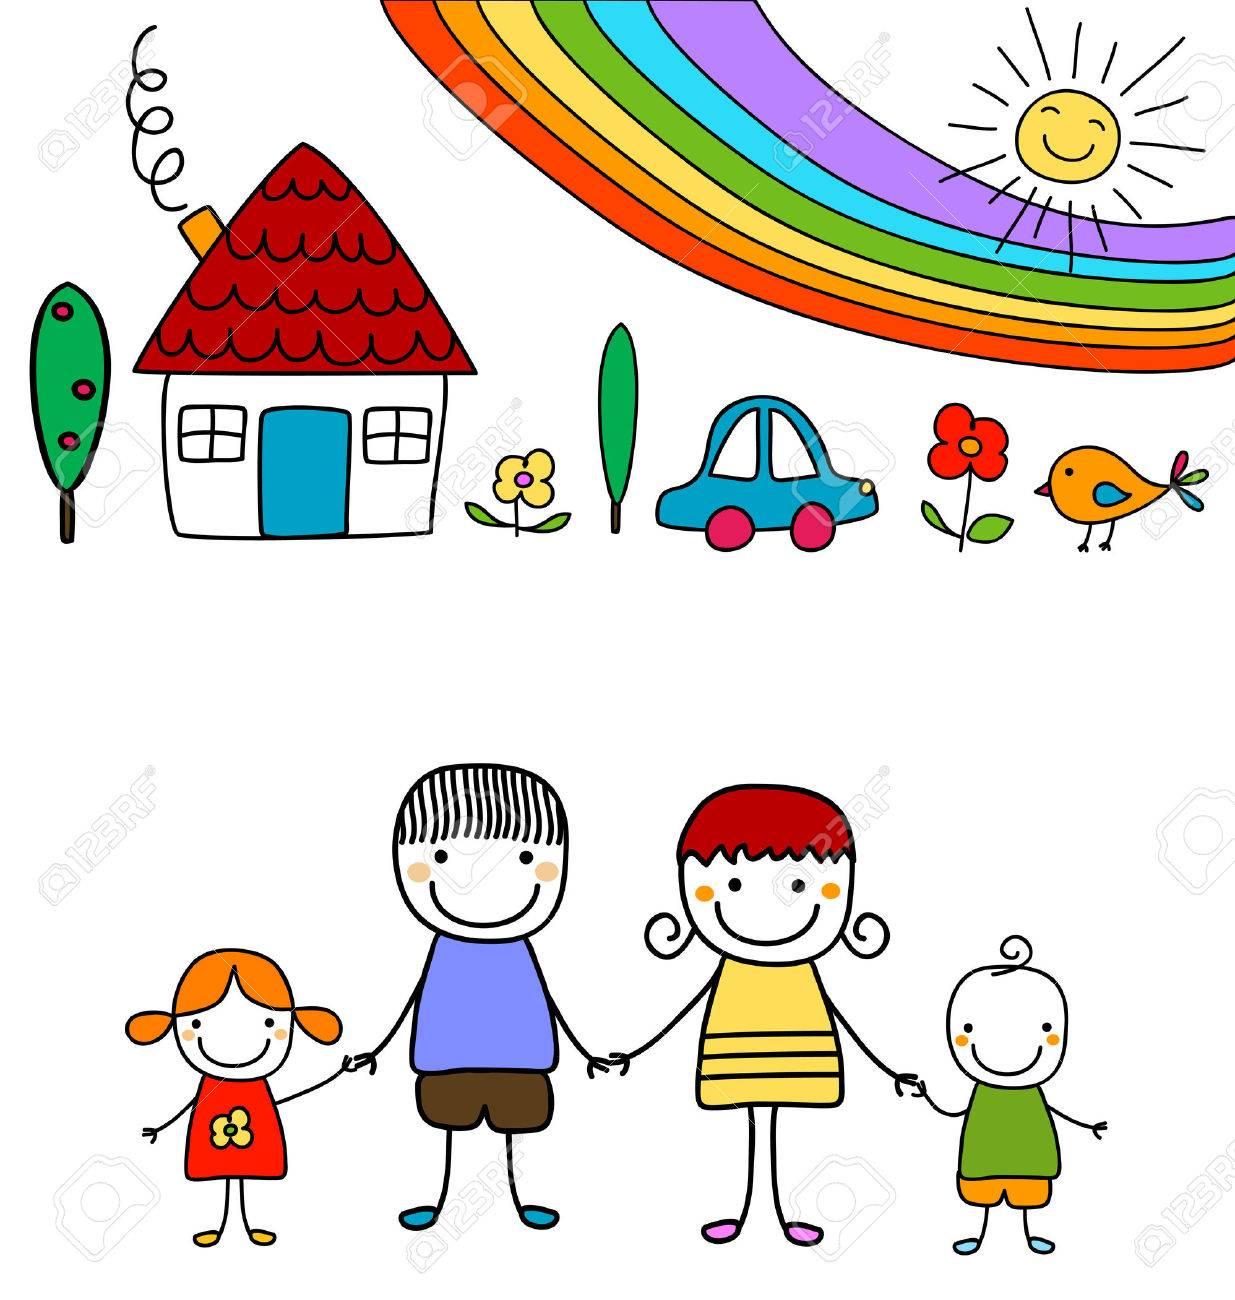 happy family and rainbow - 39262809